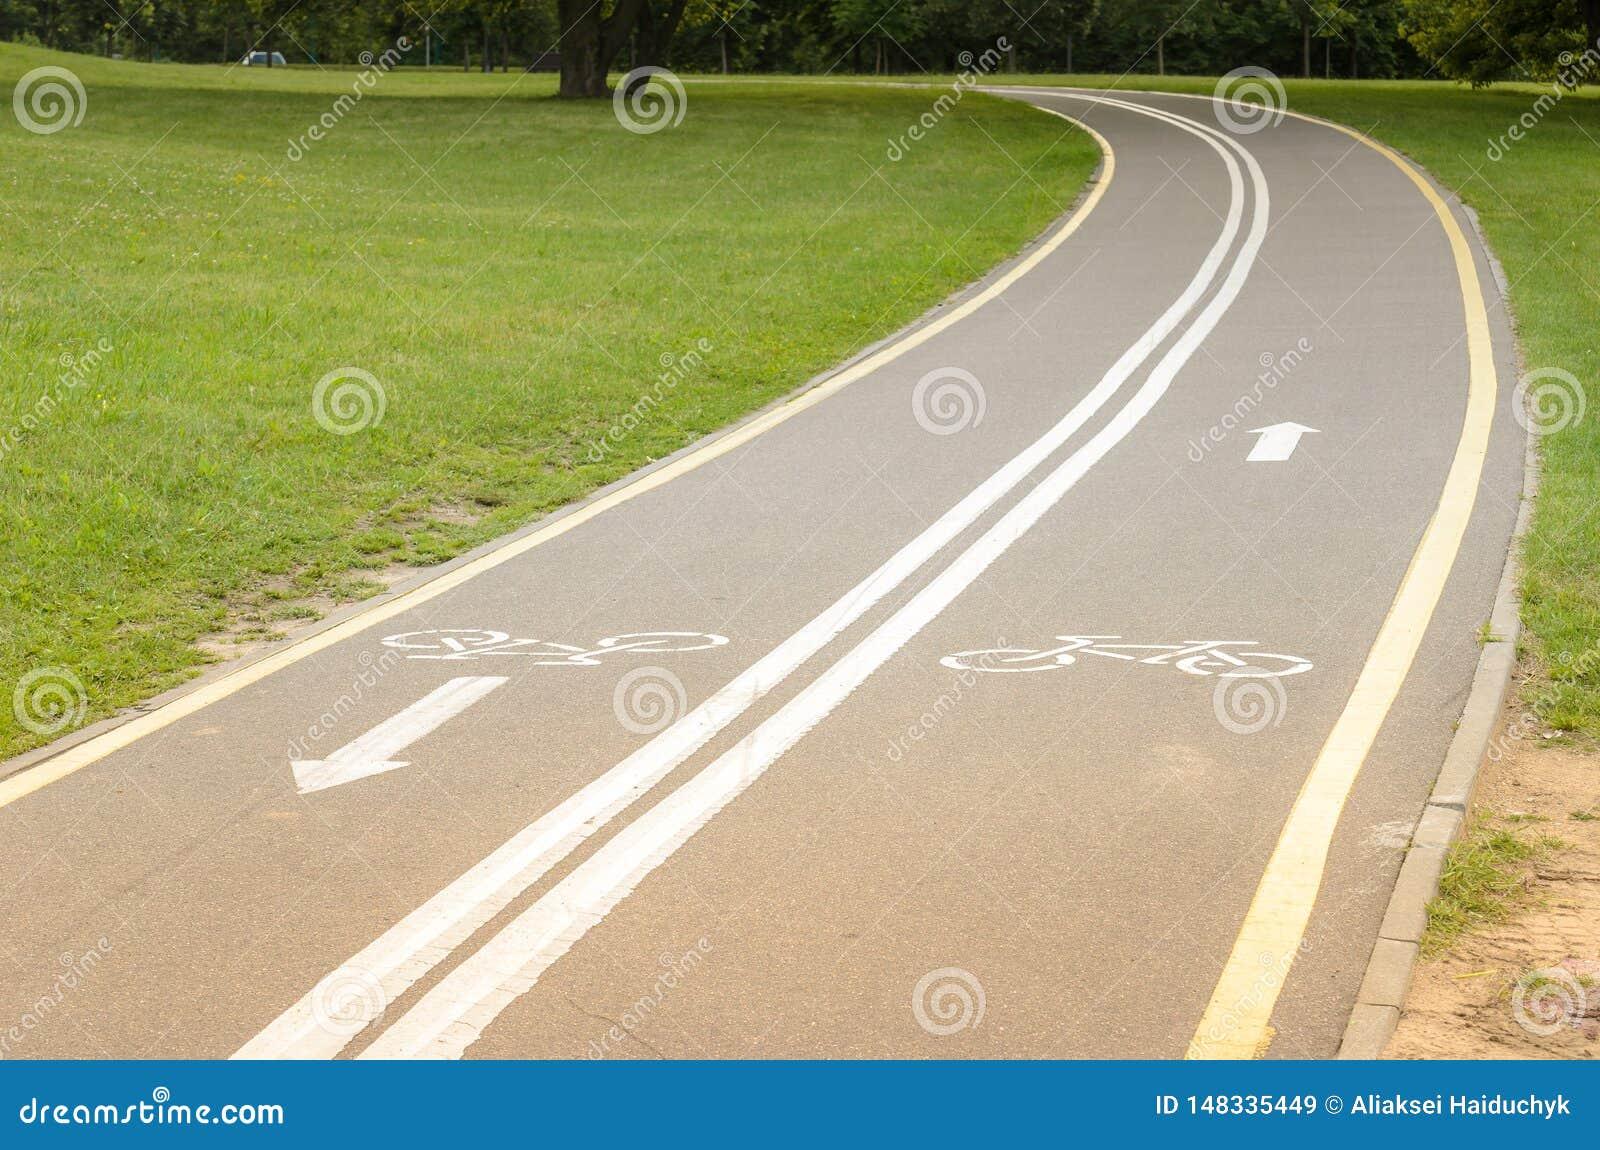 Ασφαλτωμένη διαδρομή ποδηλάτων στο πάρκο/ασφαλτωμένη διαδρομή ποδηλάτων στο πάρκο με μια πράσινη χλόη